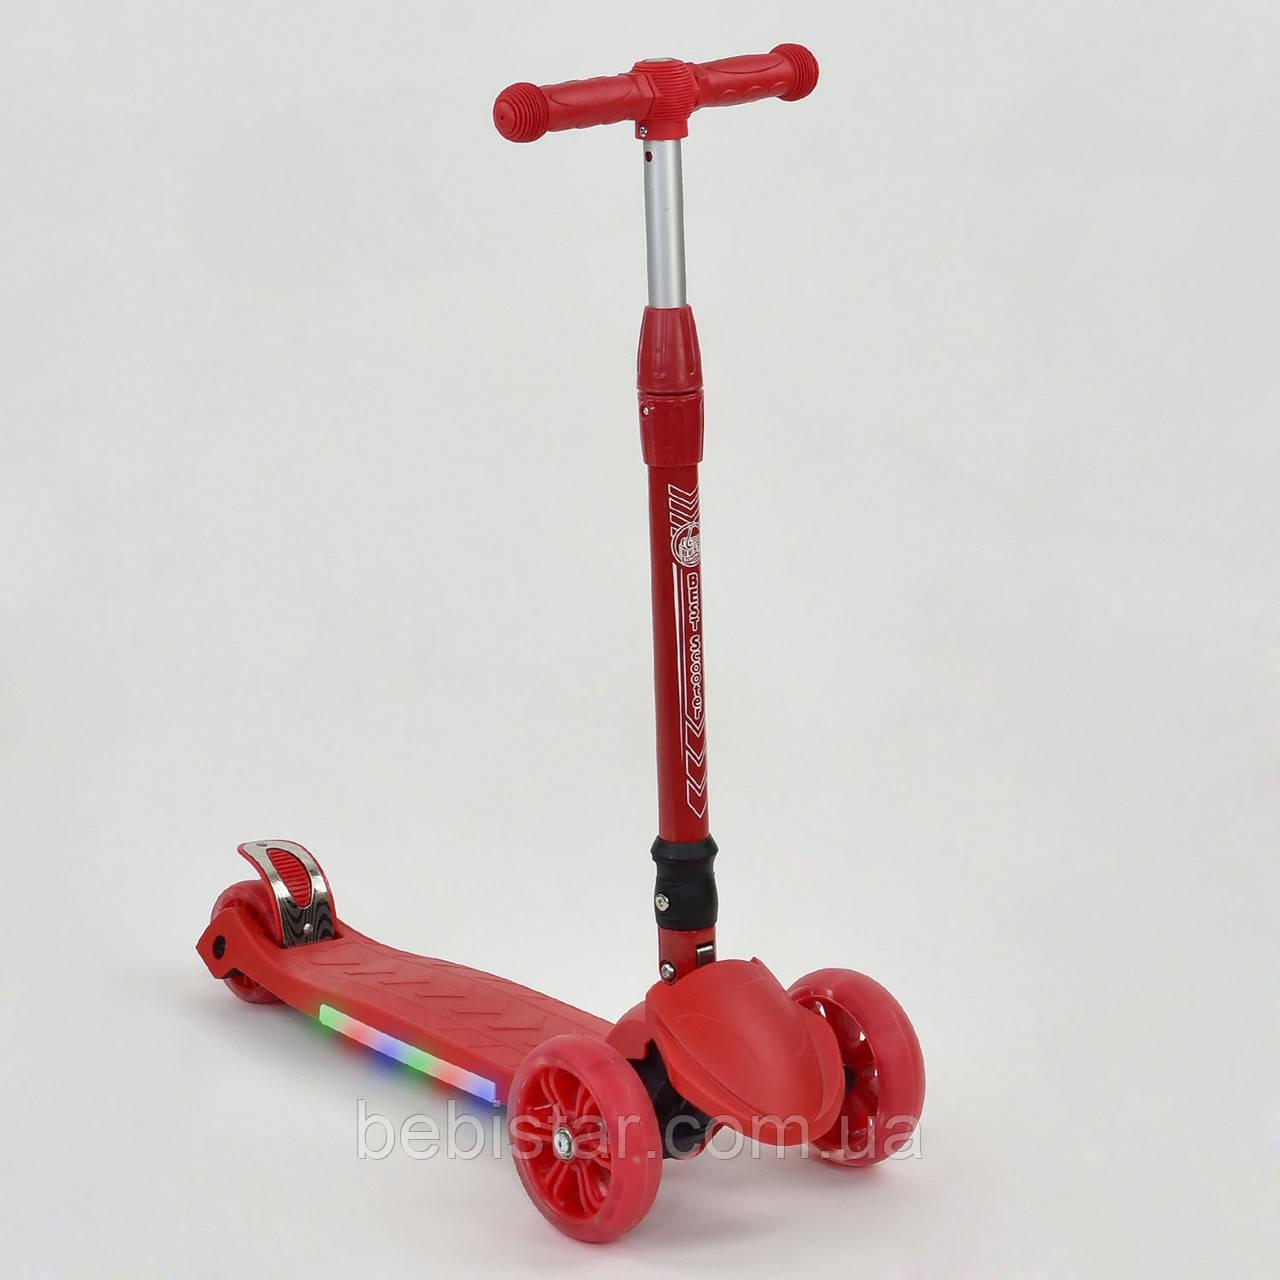 Самокат детский складной красный со светящимися колесами и подсветкой платформы Best Scooter - фото 3